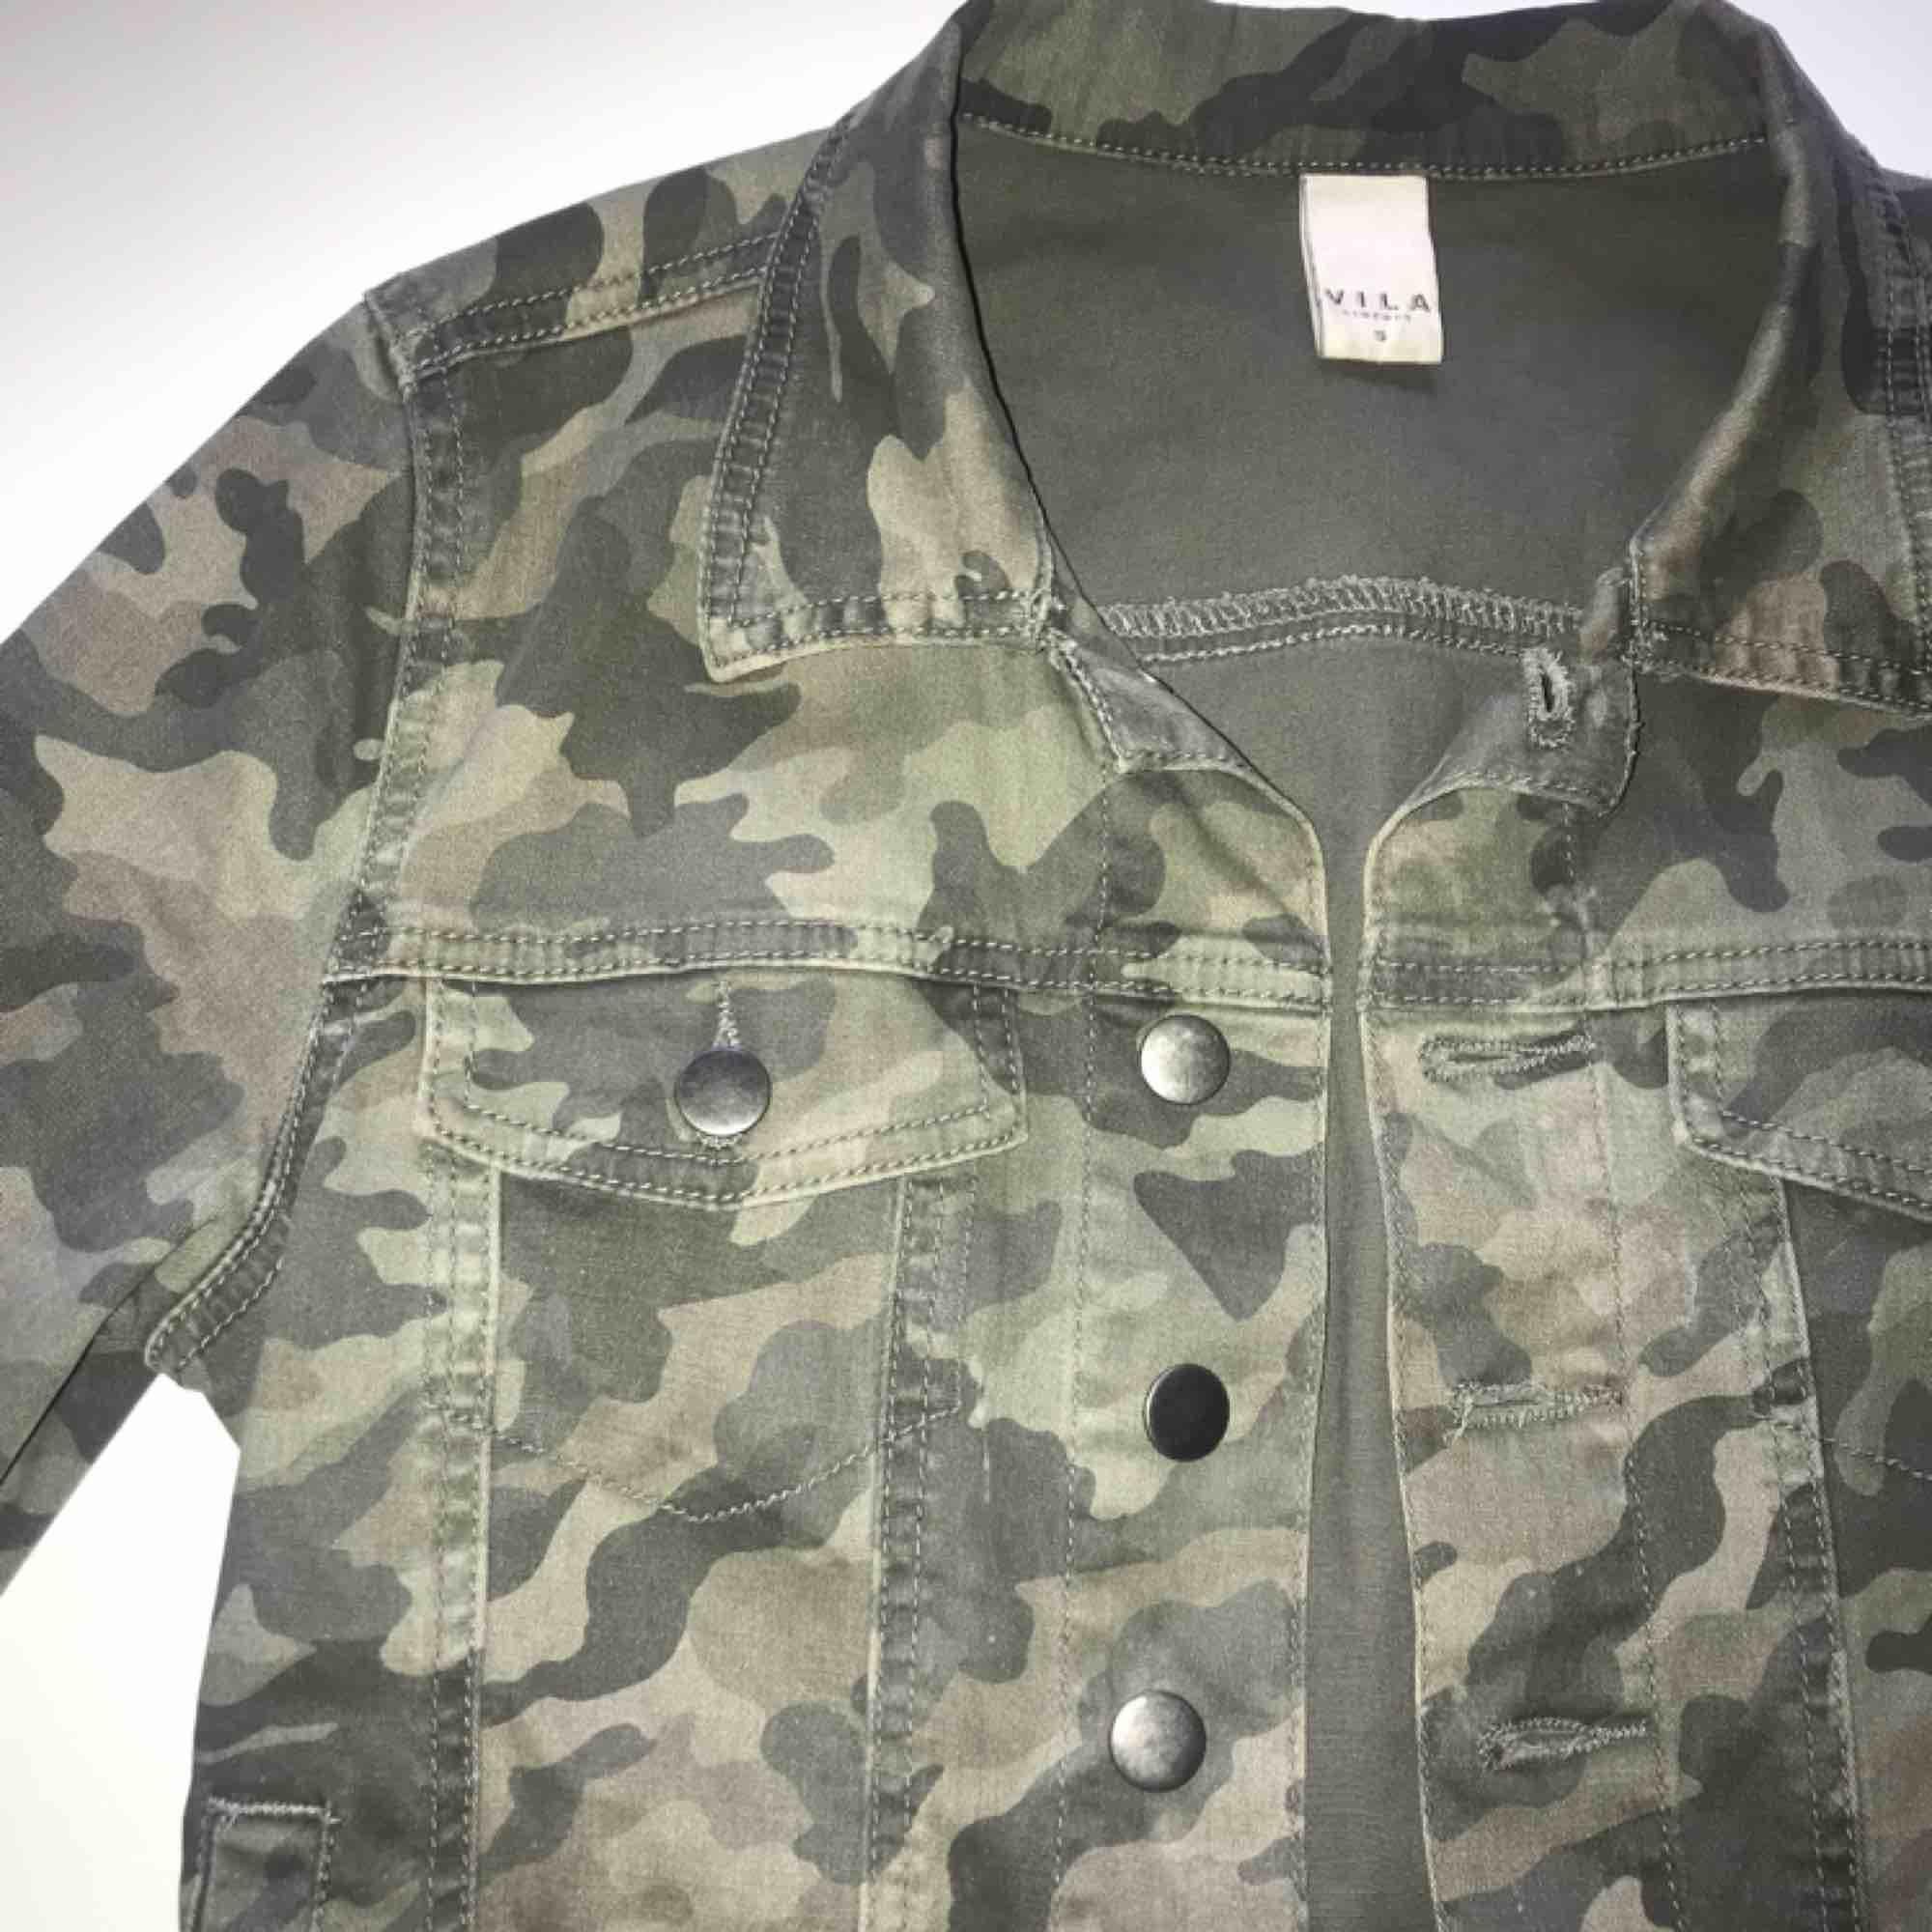 Militärfärgad jeansjacka, perfekt till vår/sommar. Använd men fortfarande i jättebra skick, en gammal favorit i min garderob🍀 Köparen står för frakten, betalning med Swish.. Jackor.